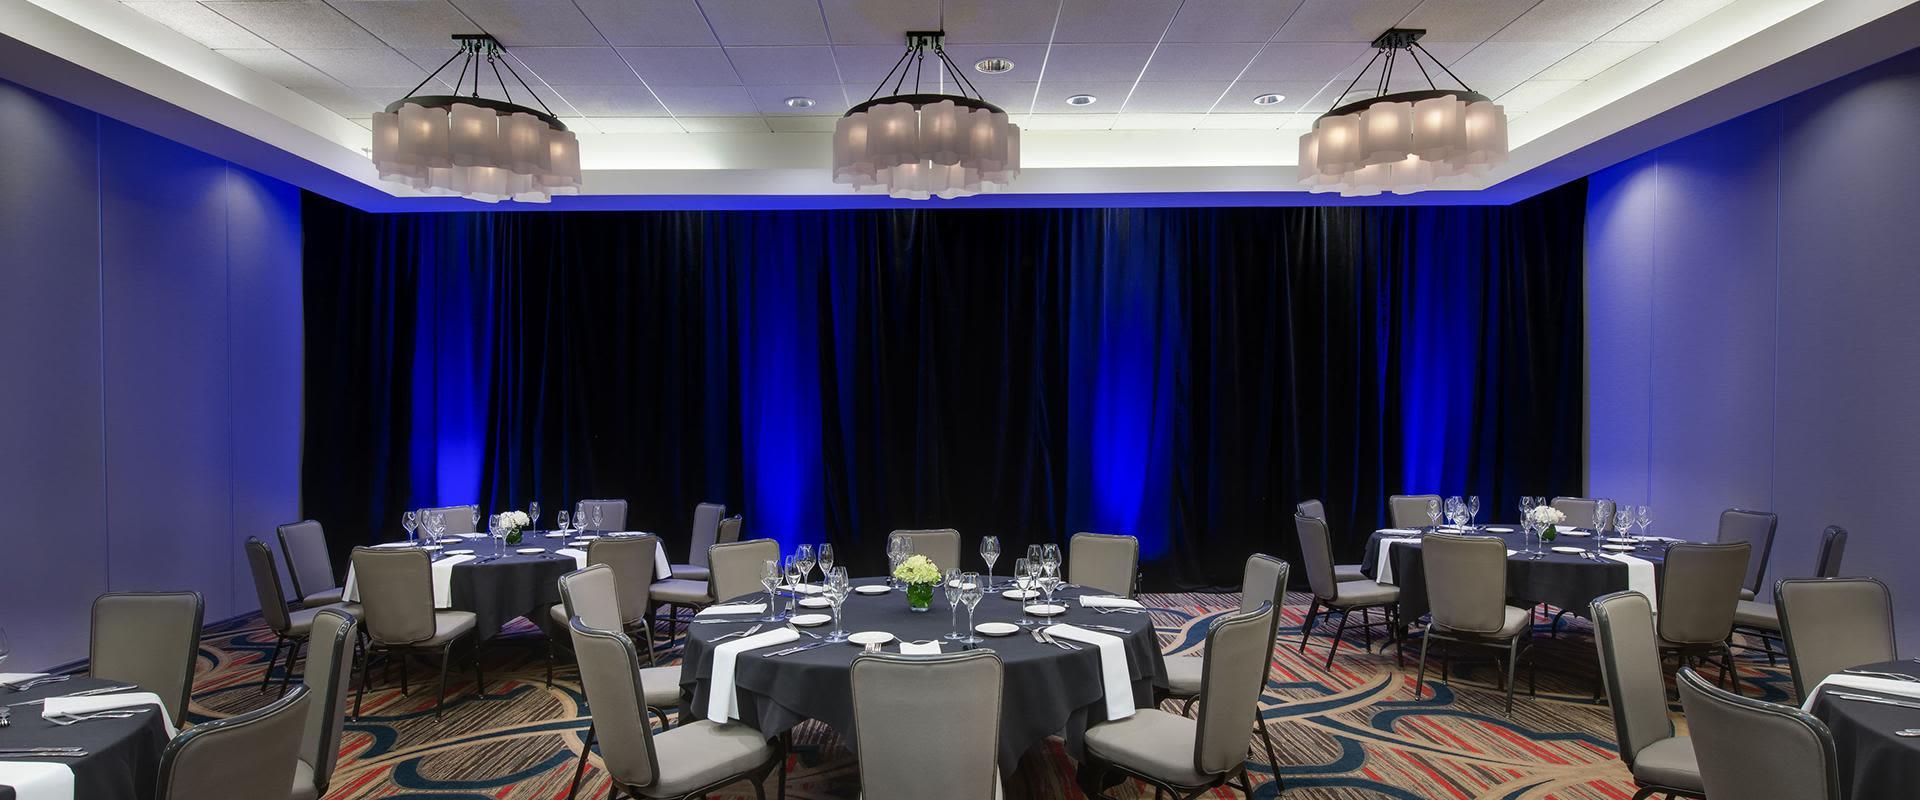 Denver Range Ballroom Dining Tables